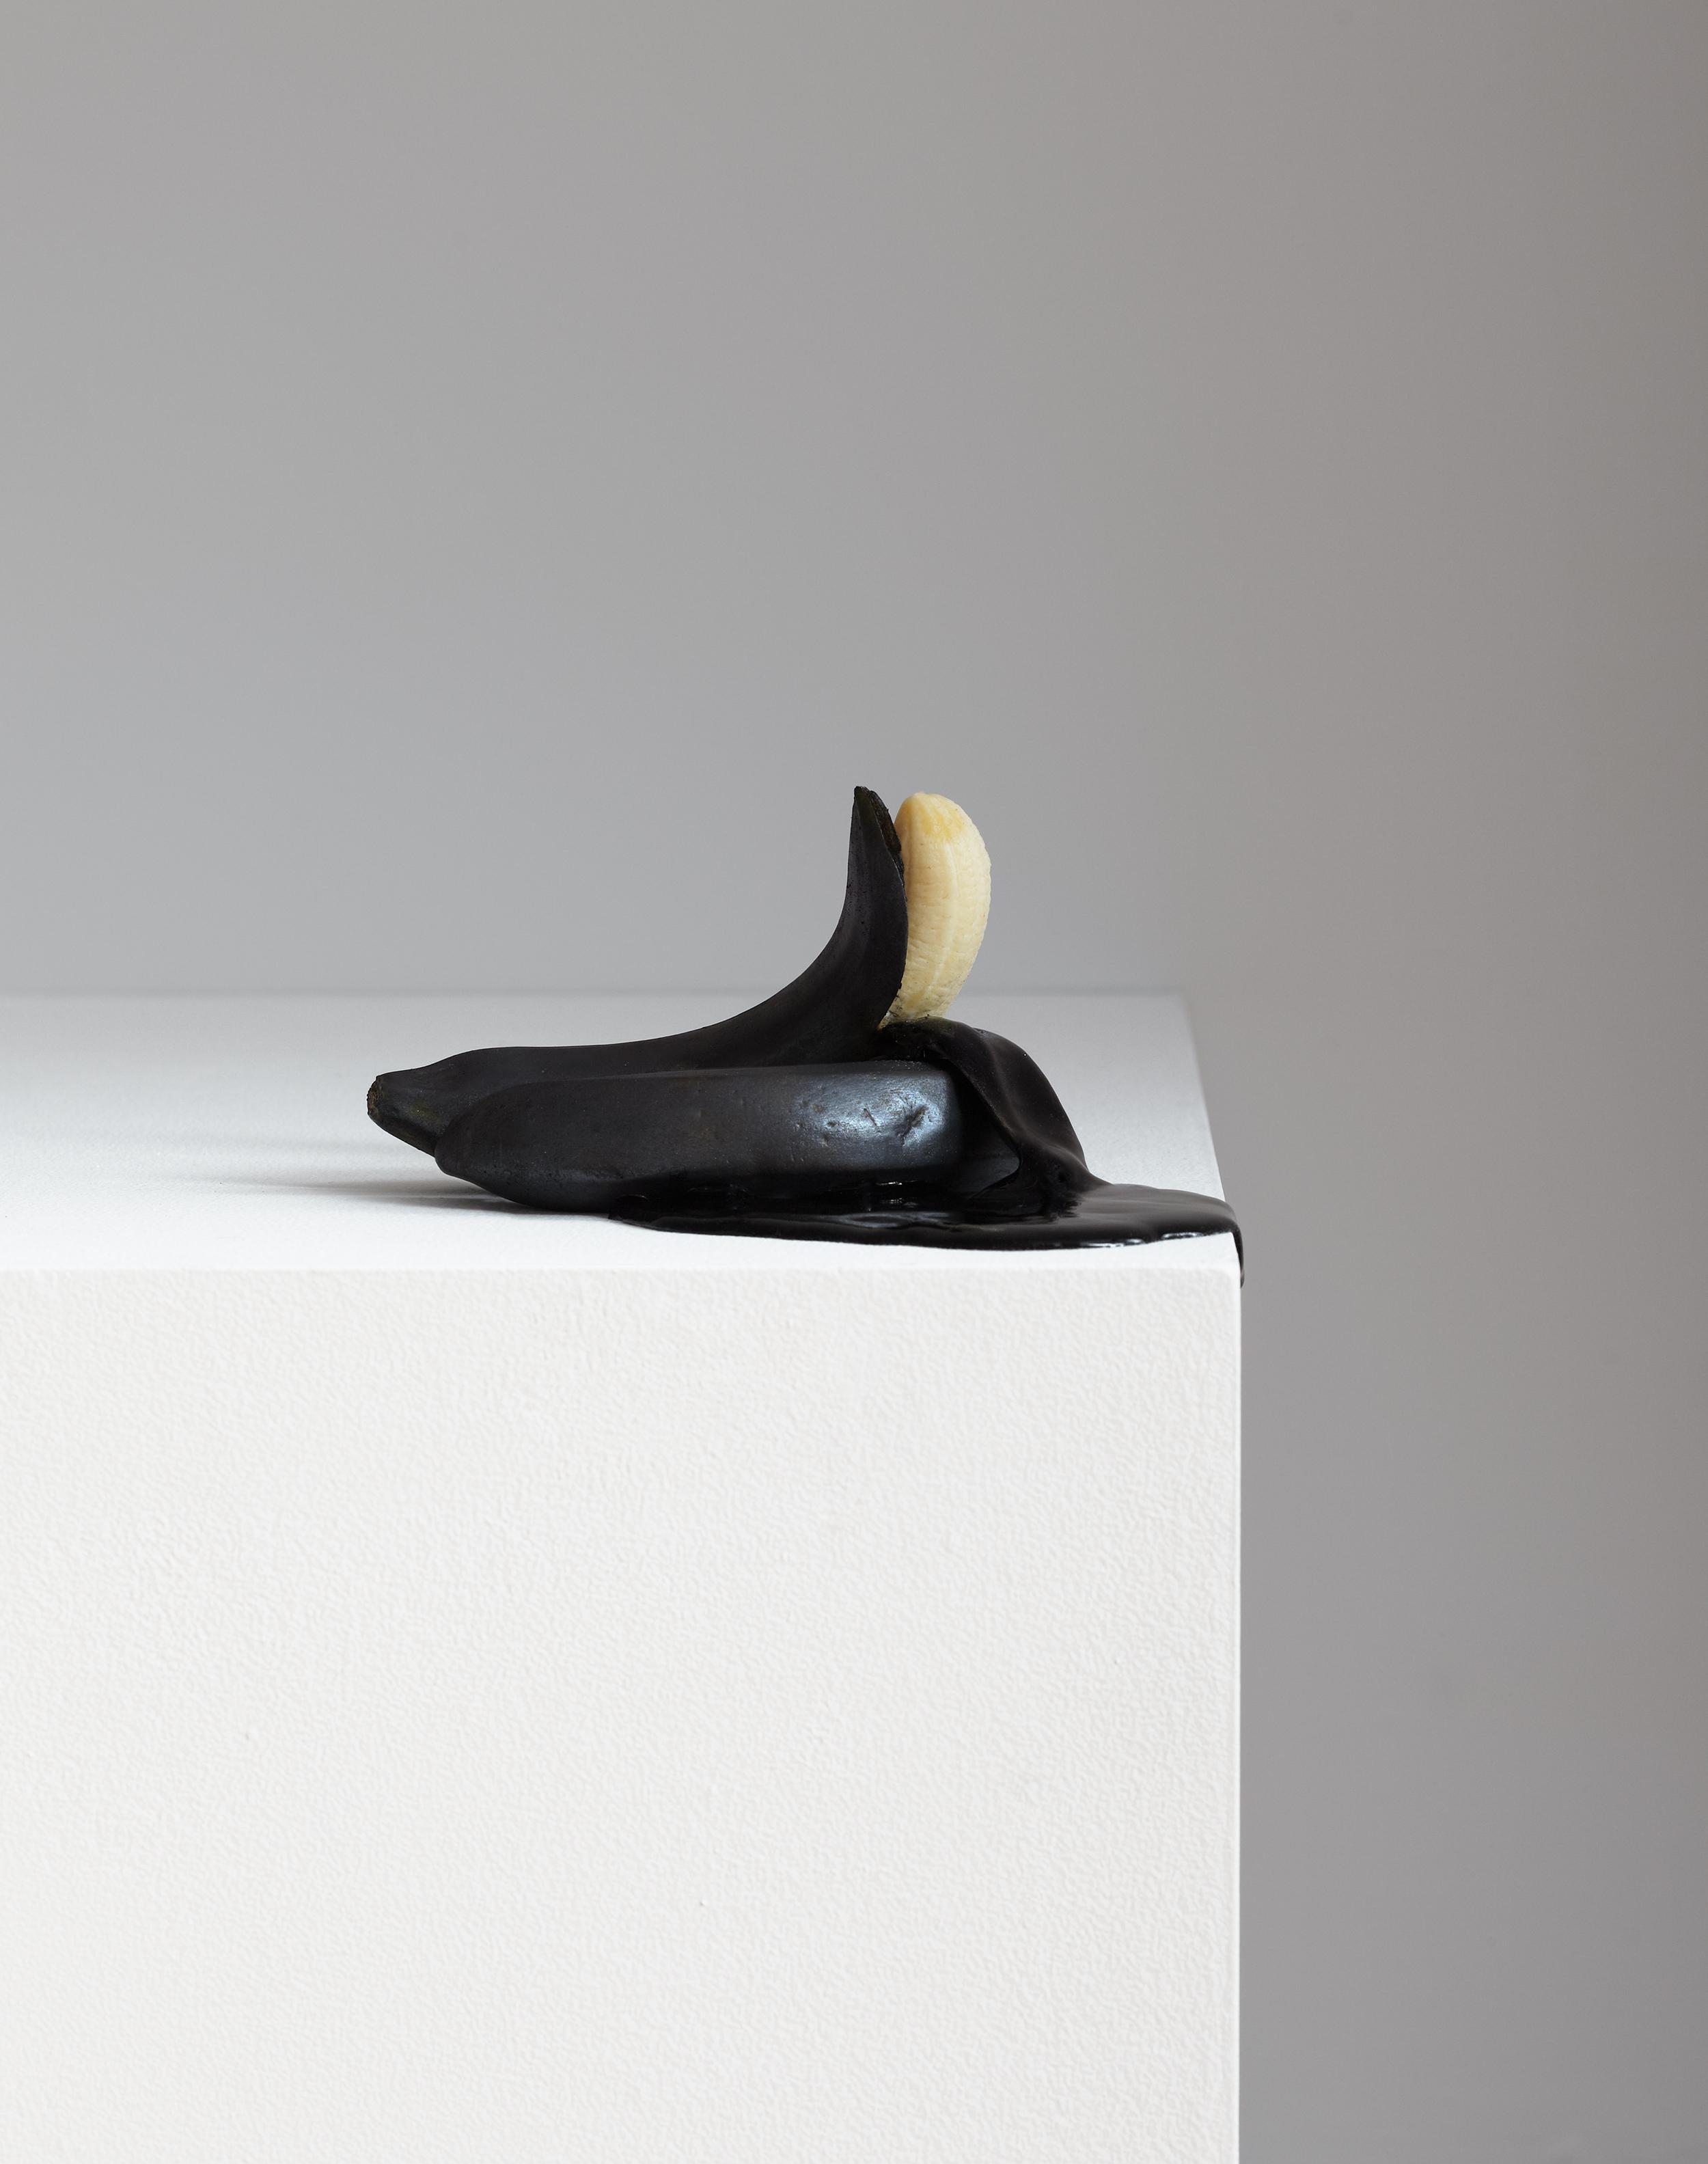 06_Irene-black_banana-1.3.jpg